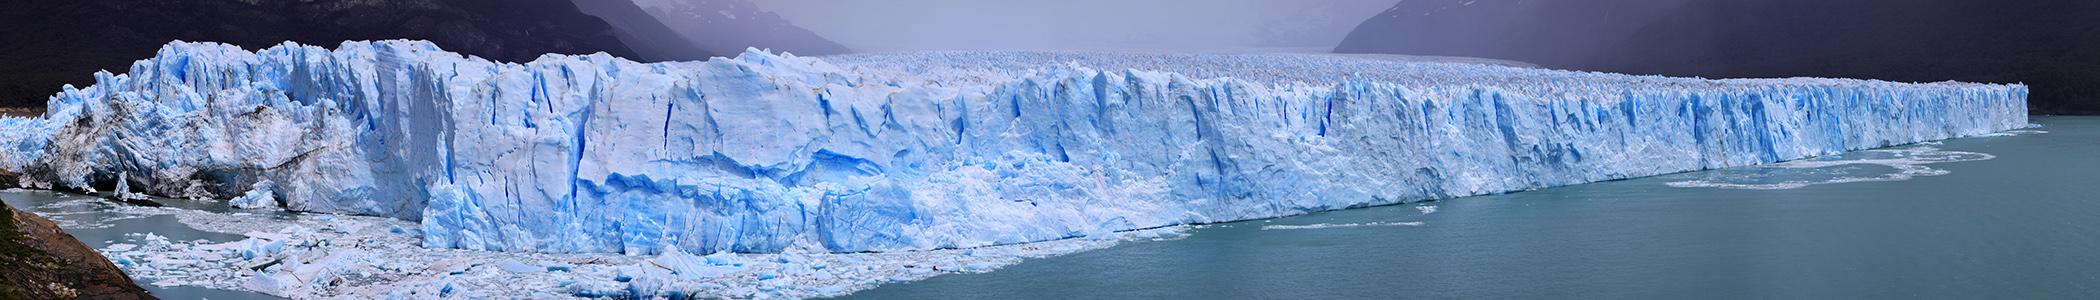 Glacier Perito Moreno banner.jpg